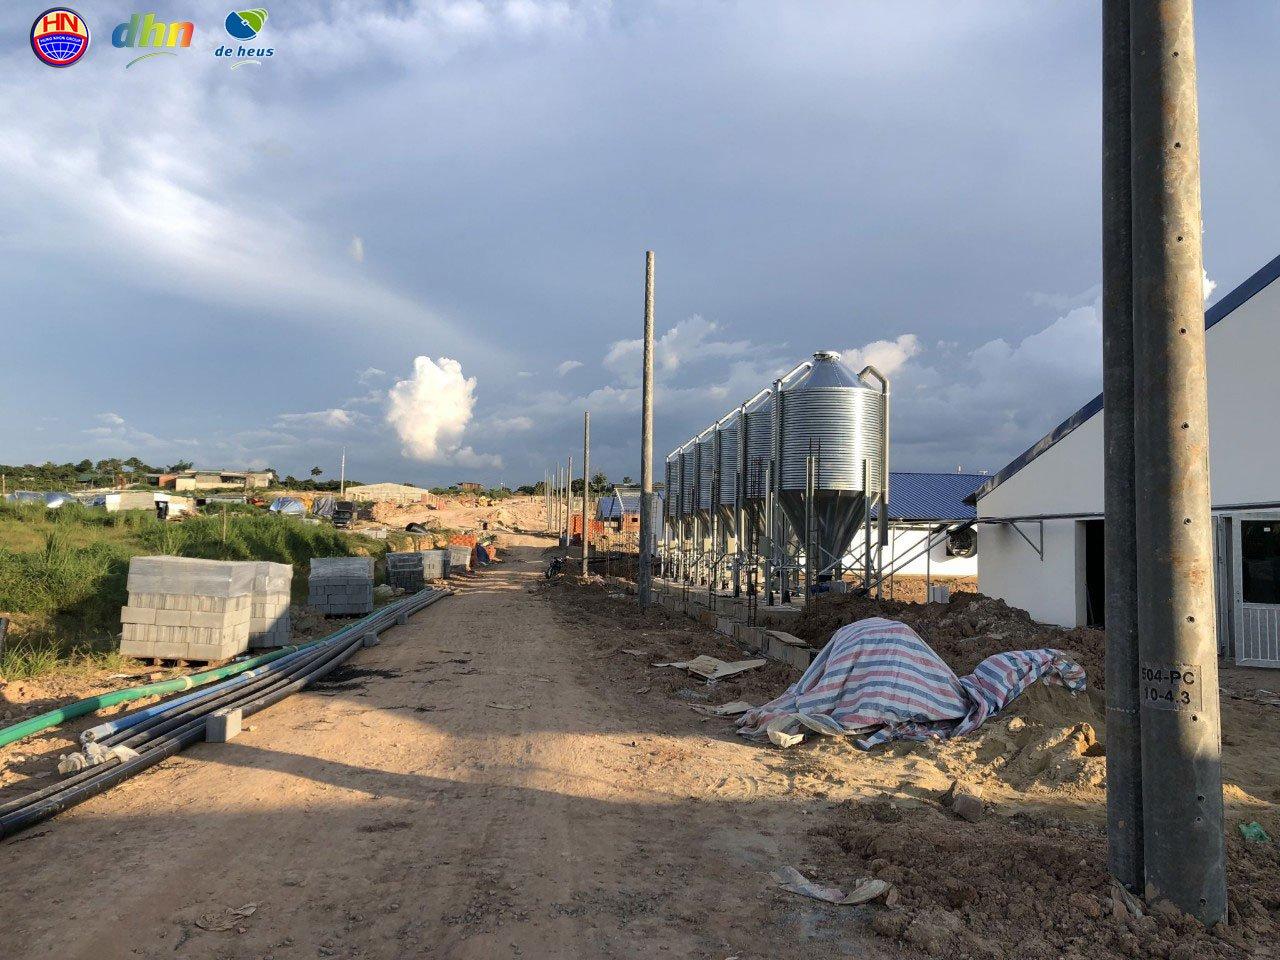 Đắk Lắk chuẩn bị có trại heo cụ kị 10.000 con, lớn nhất Tây Nguyên - Ảnh 3.